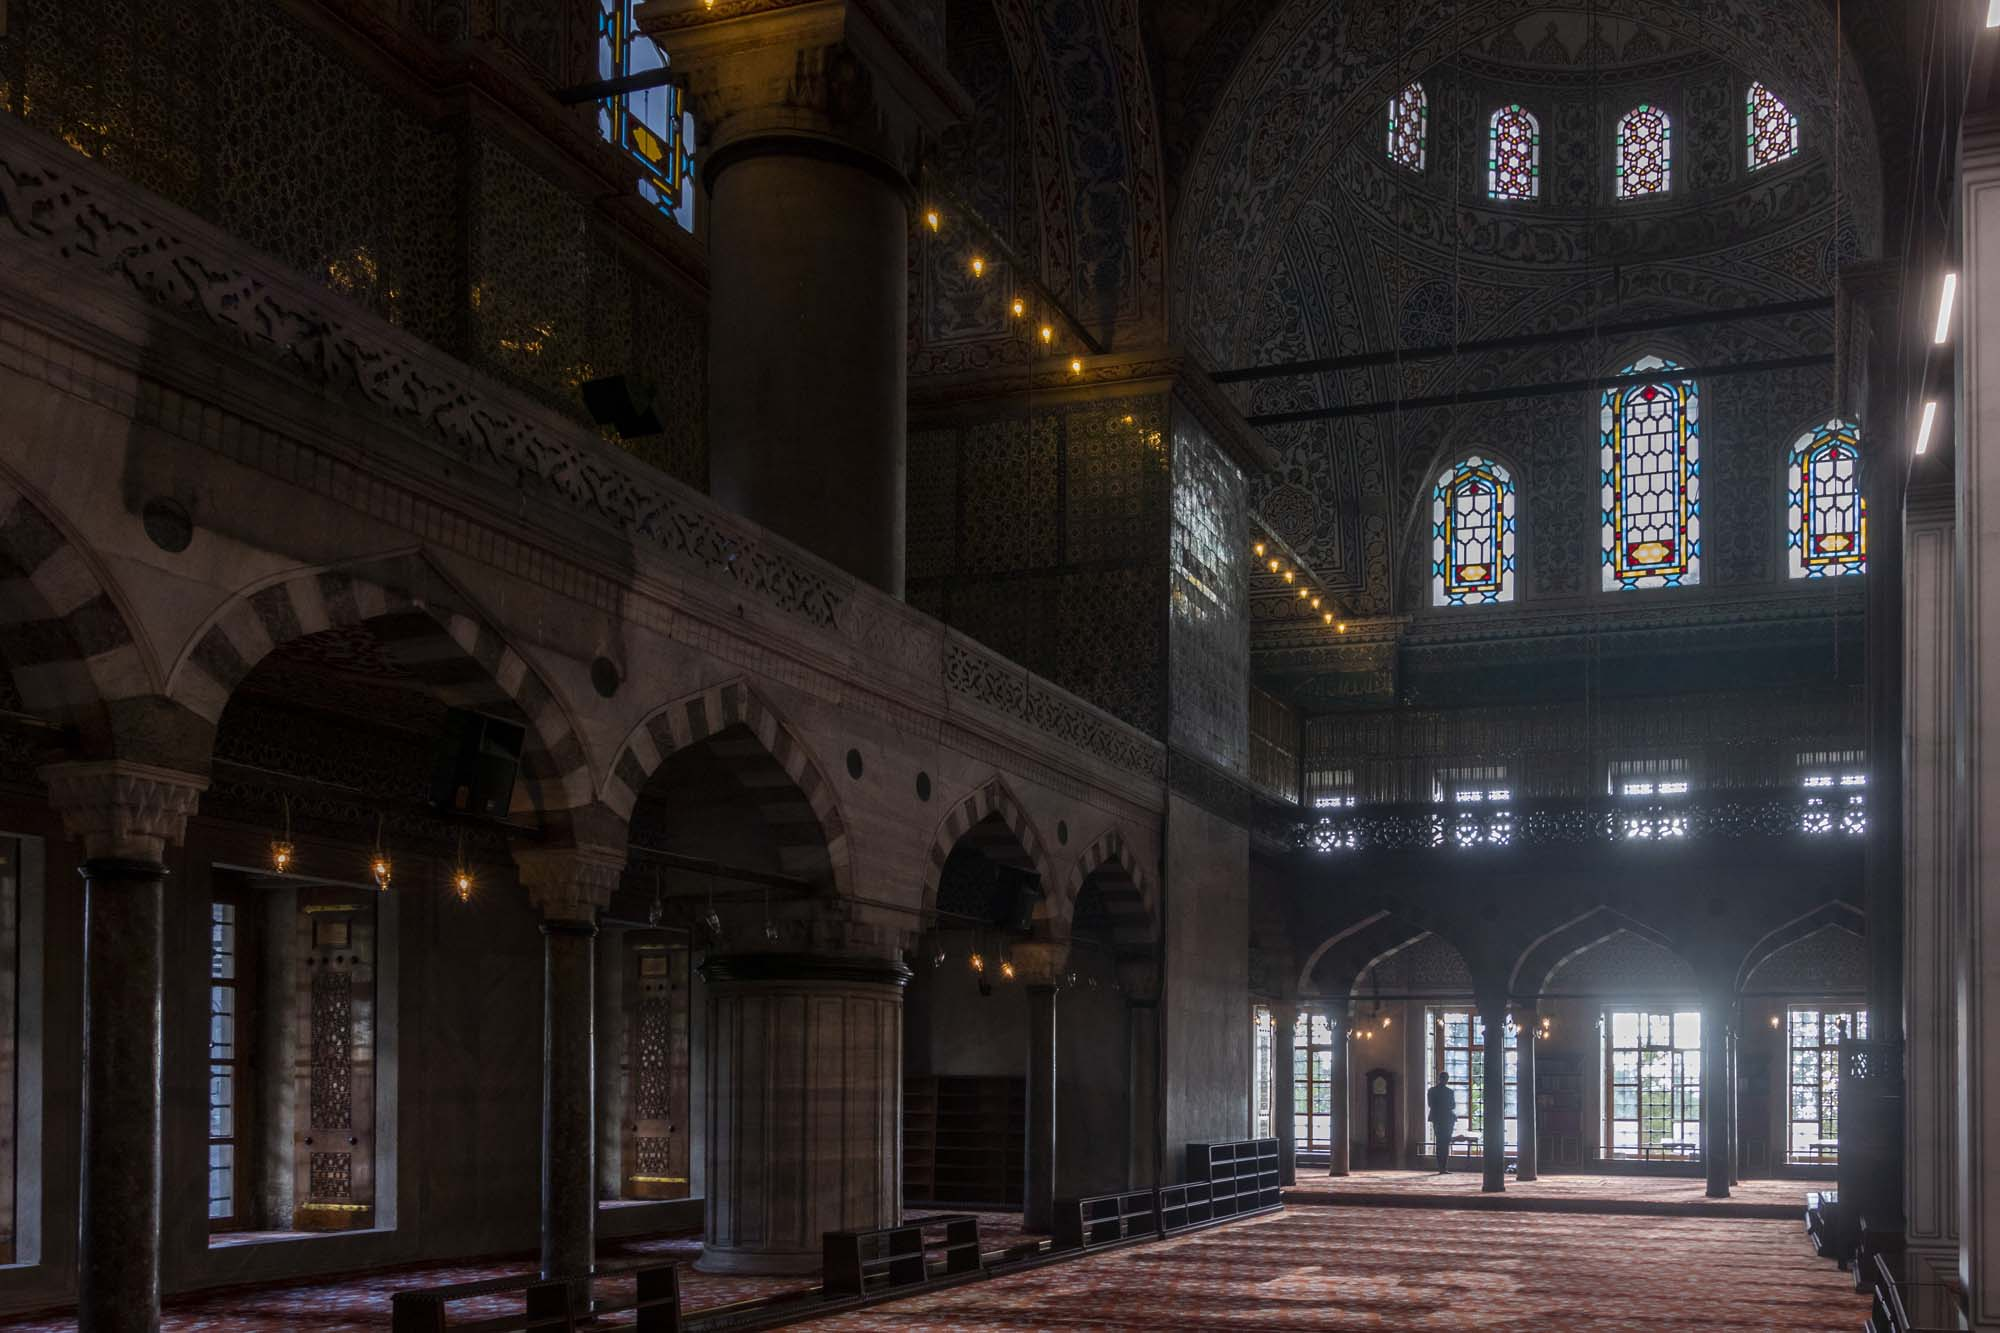 Sultanahmet Camii (Mosquée bleue) dans la ville d'İstanbul en Turquie